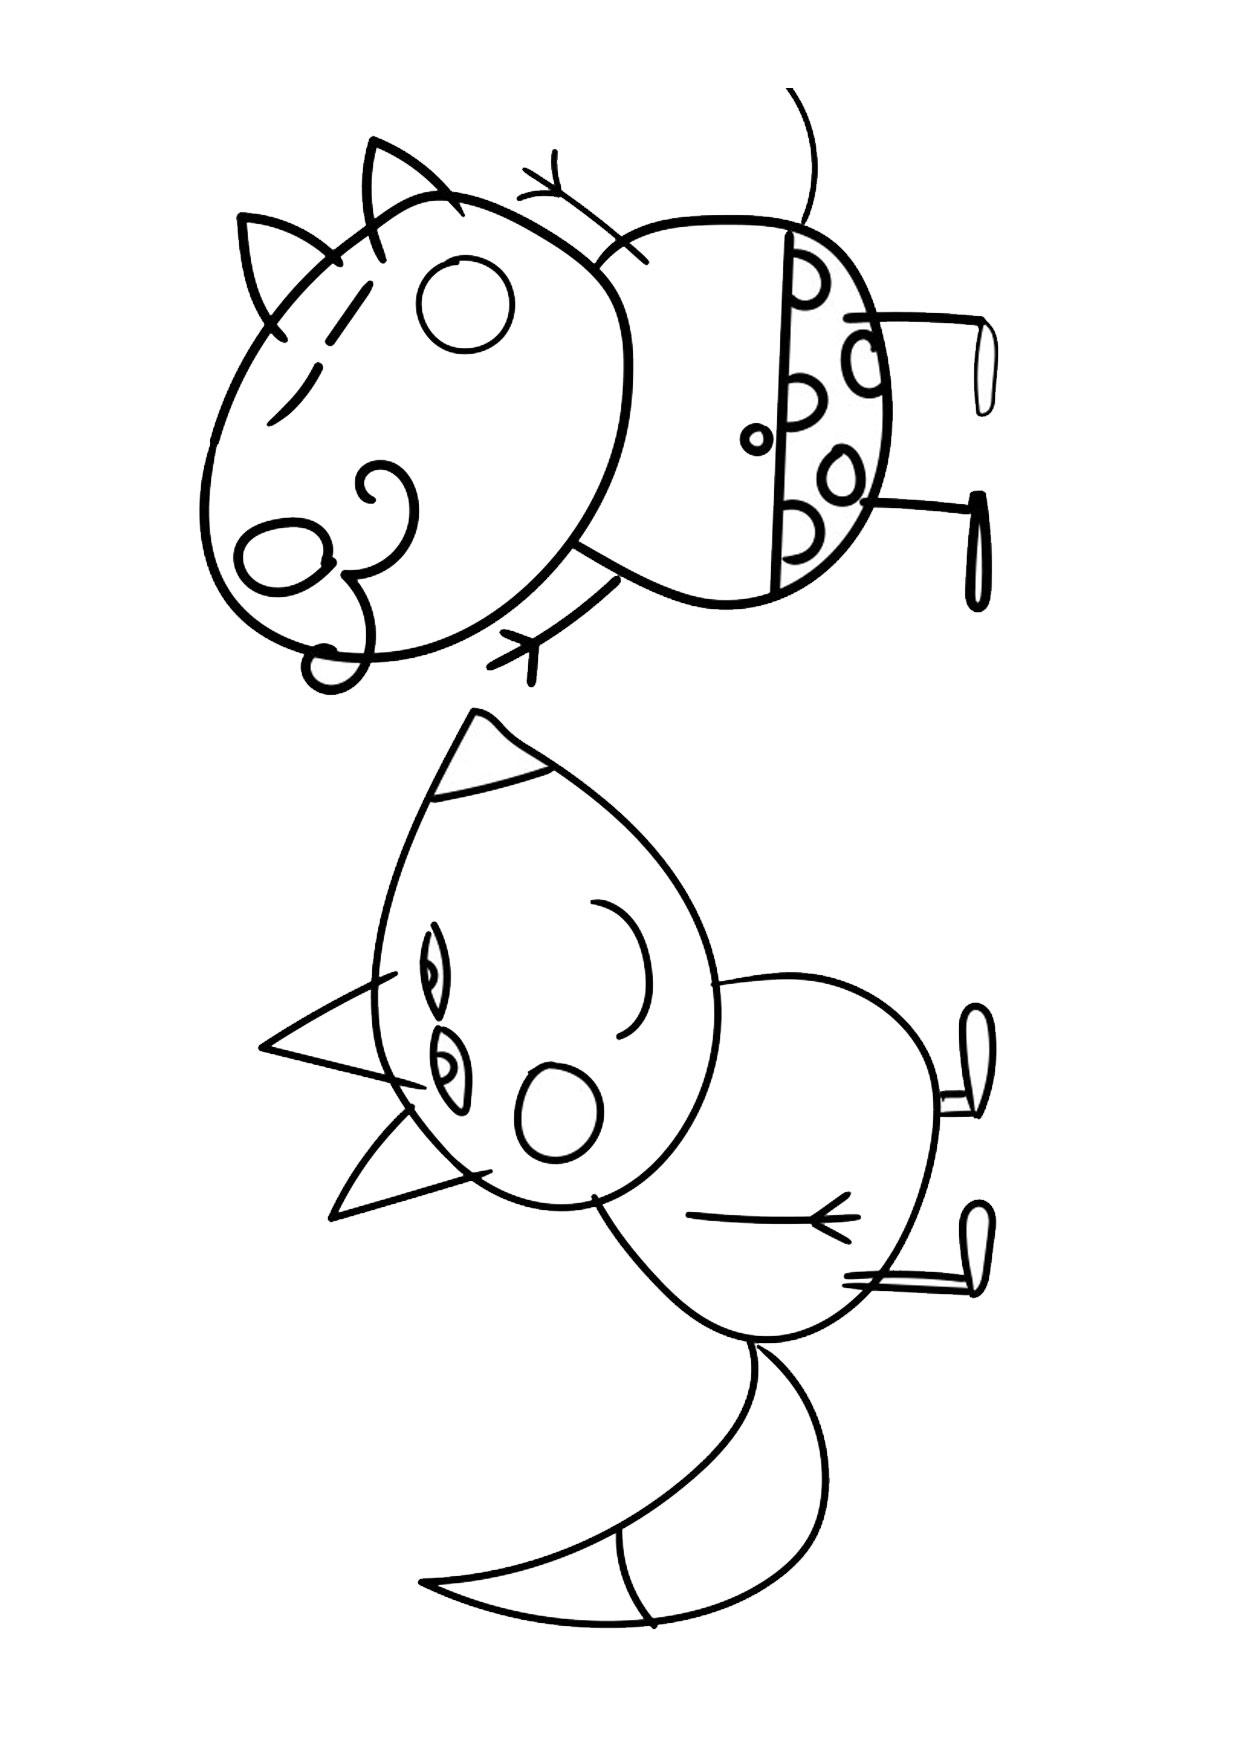 Disegno Peppa Pig da colorare 30